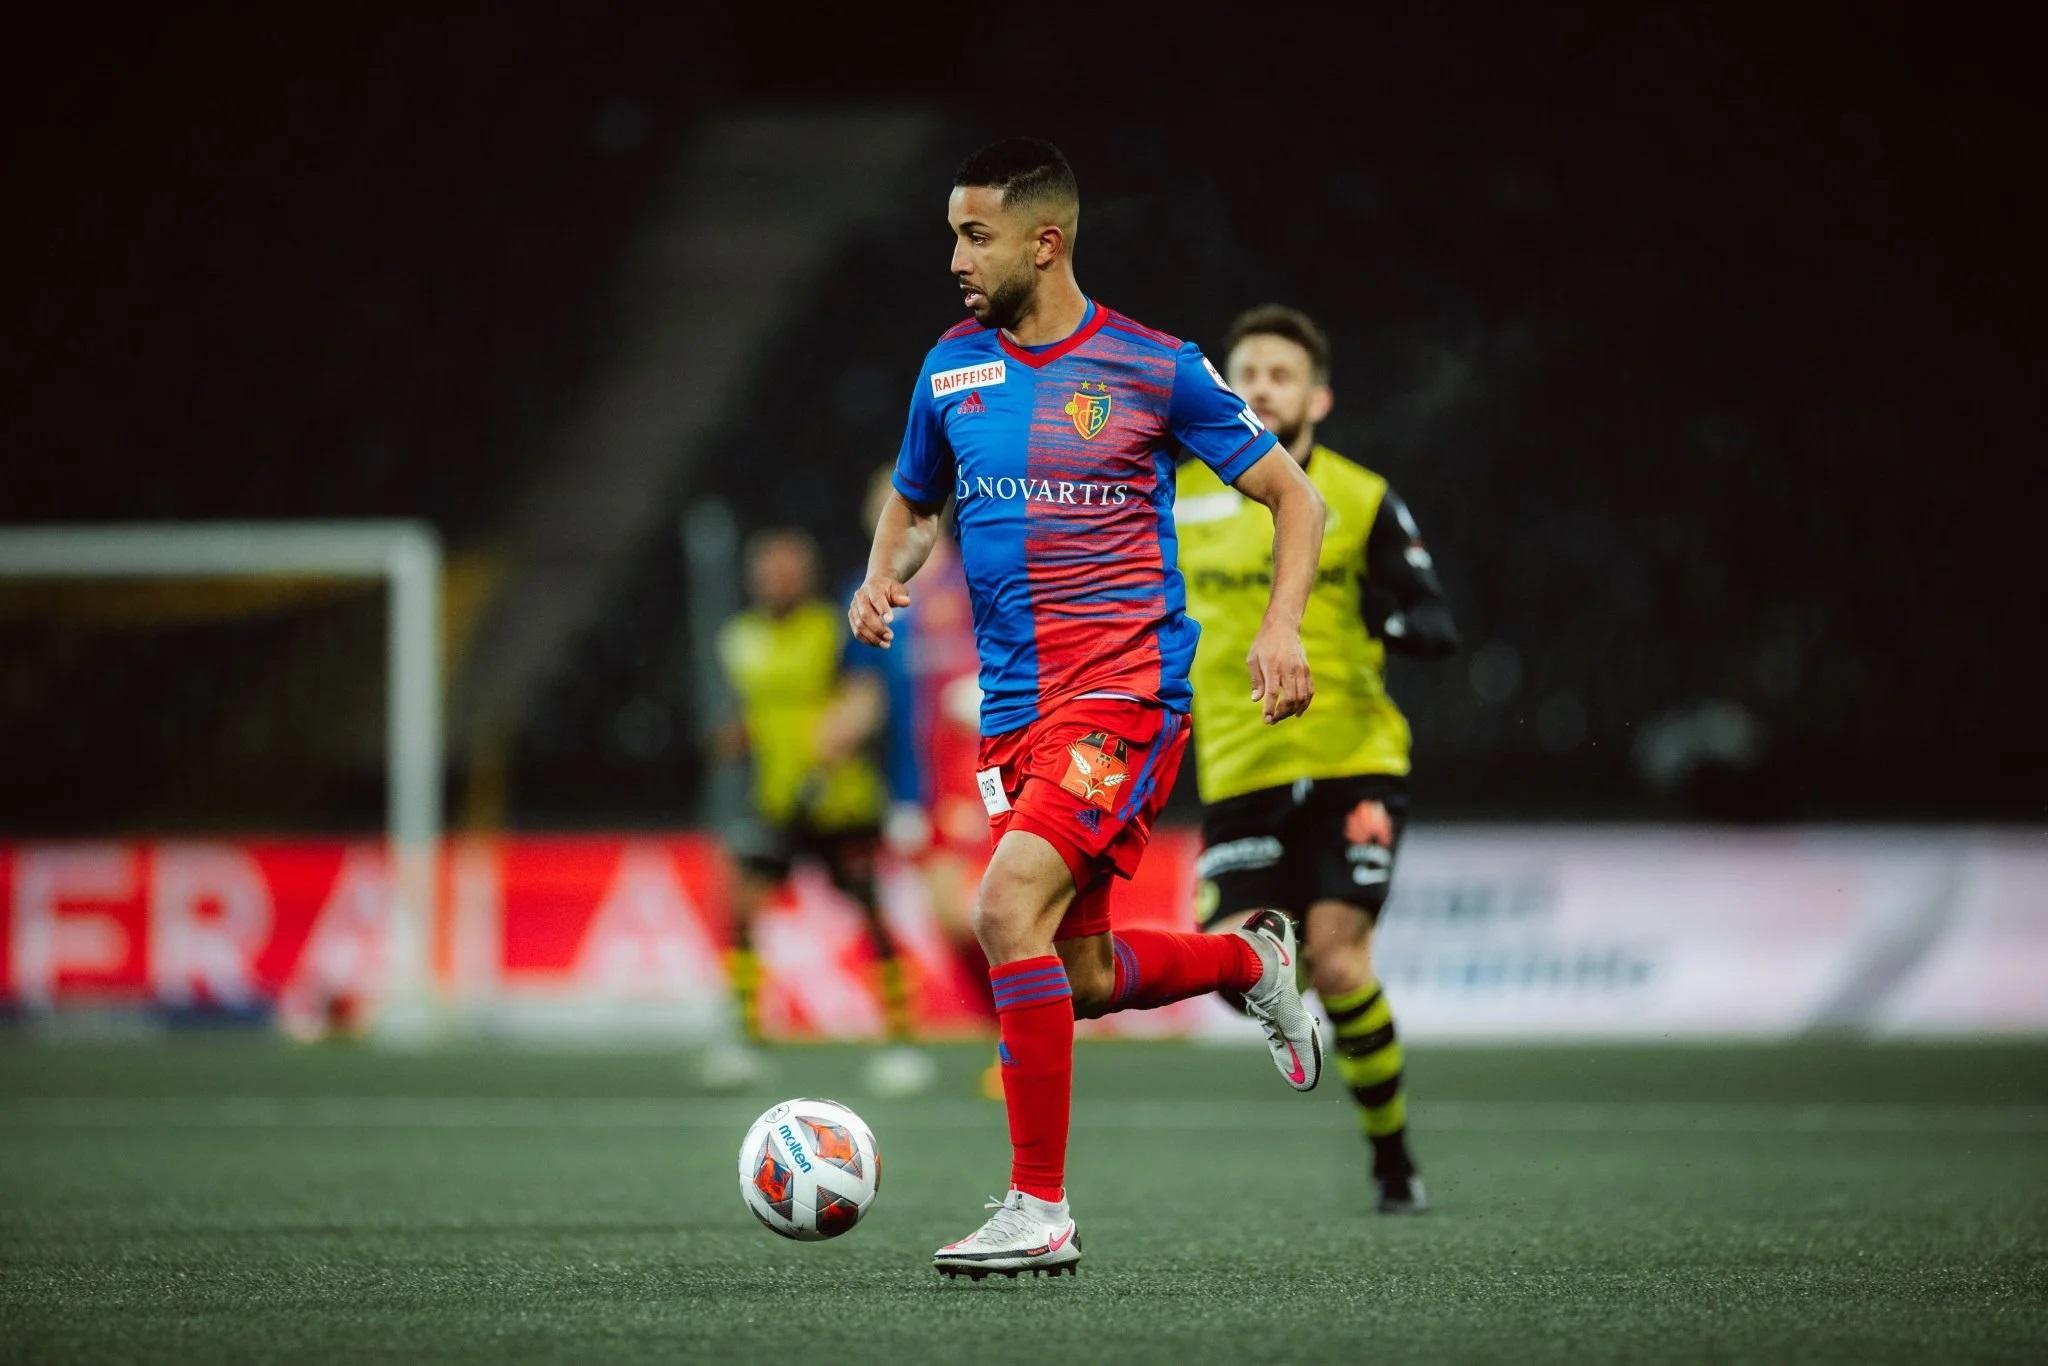 Jorge jogou pelo Basel-SUI na temporada 2020/21